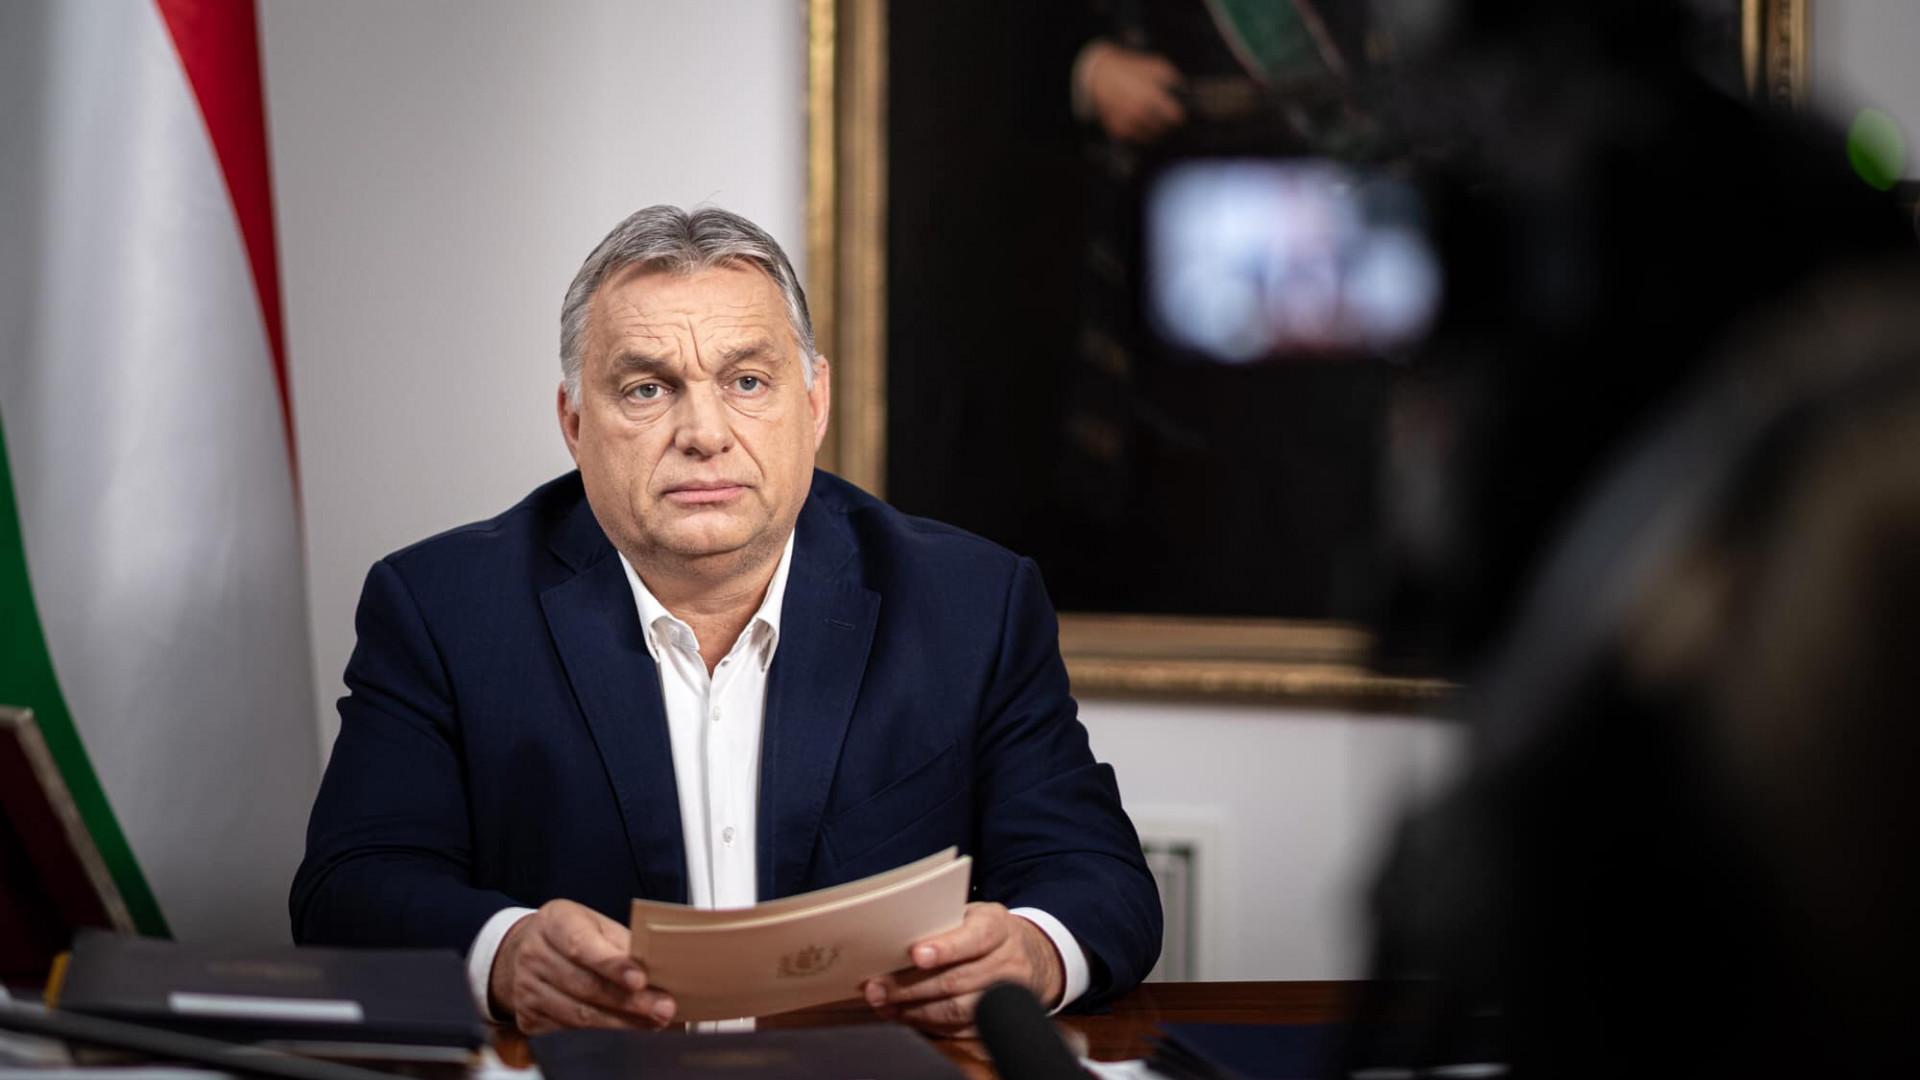 Elmondta Orbán Viktor, hogy hány embert terveznek beoltani a következő hetekben